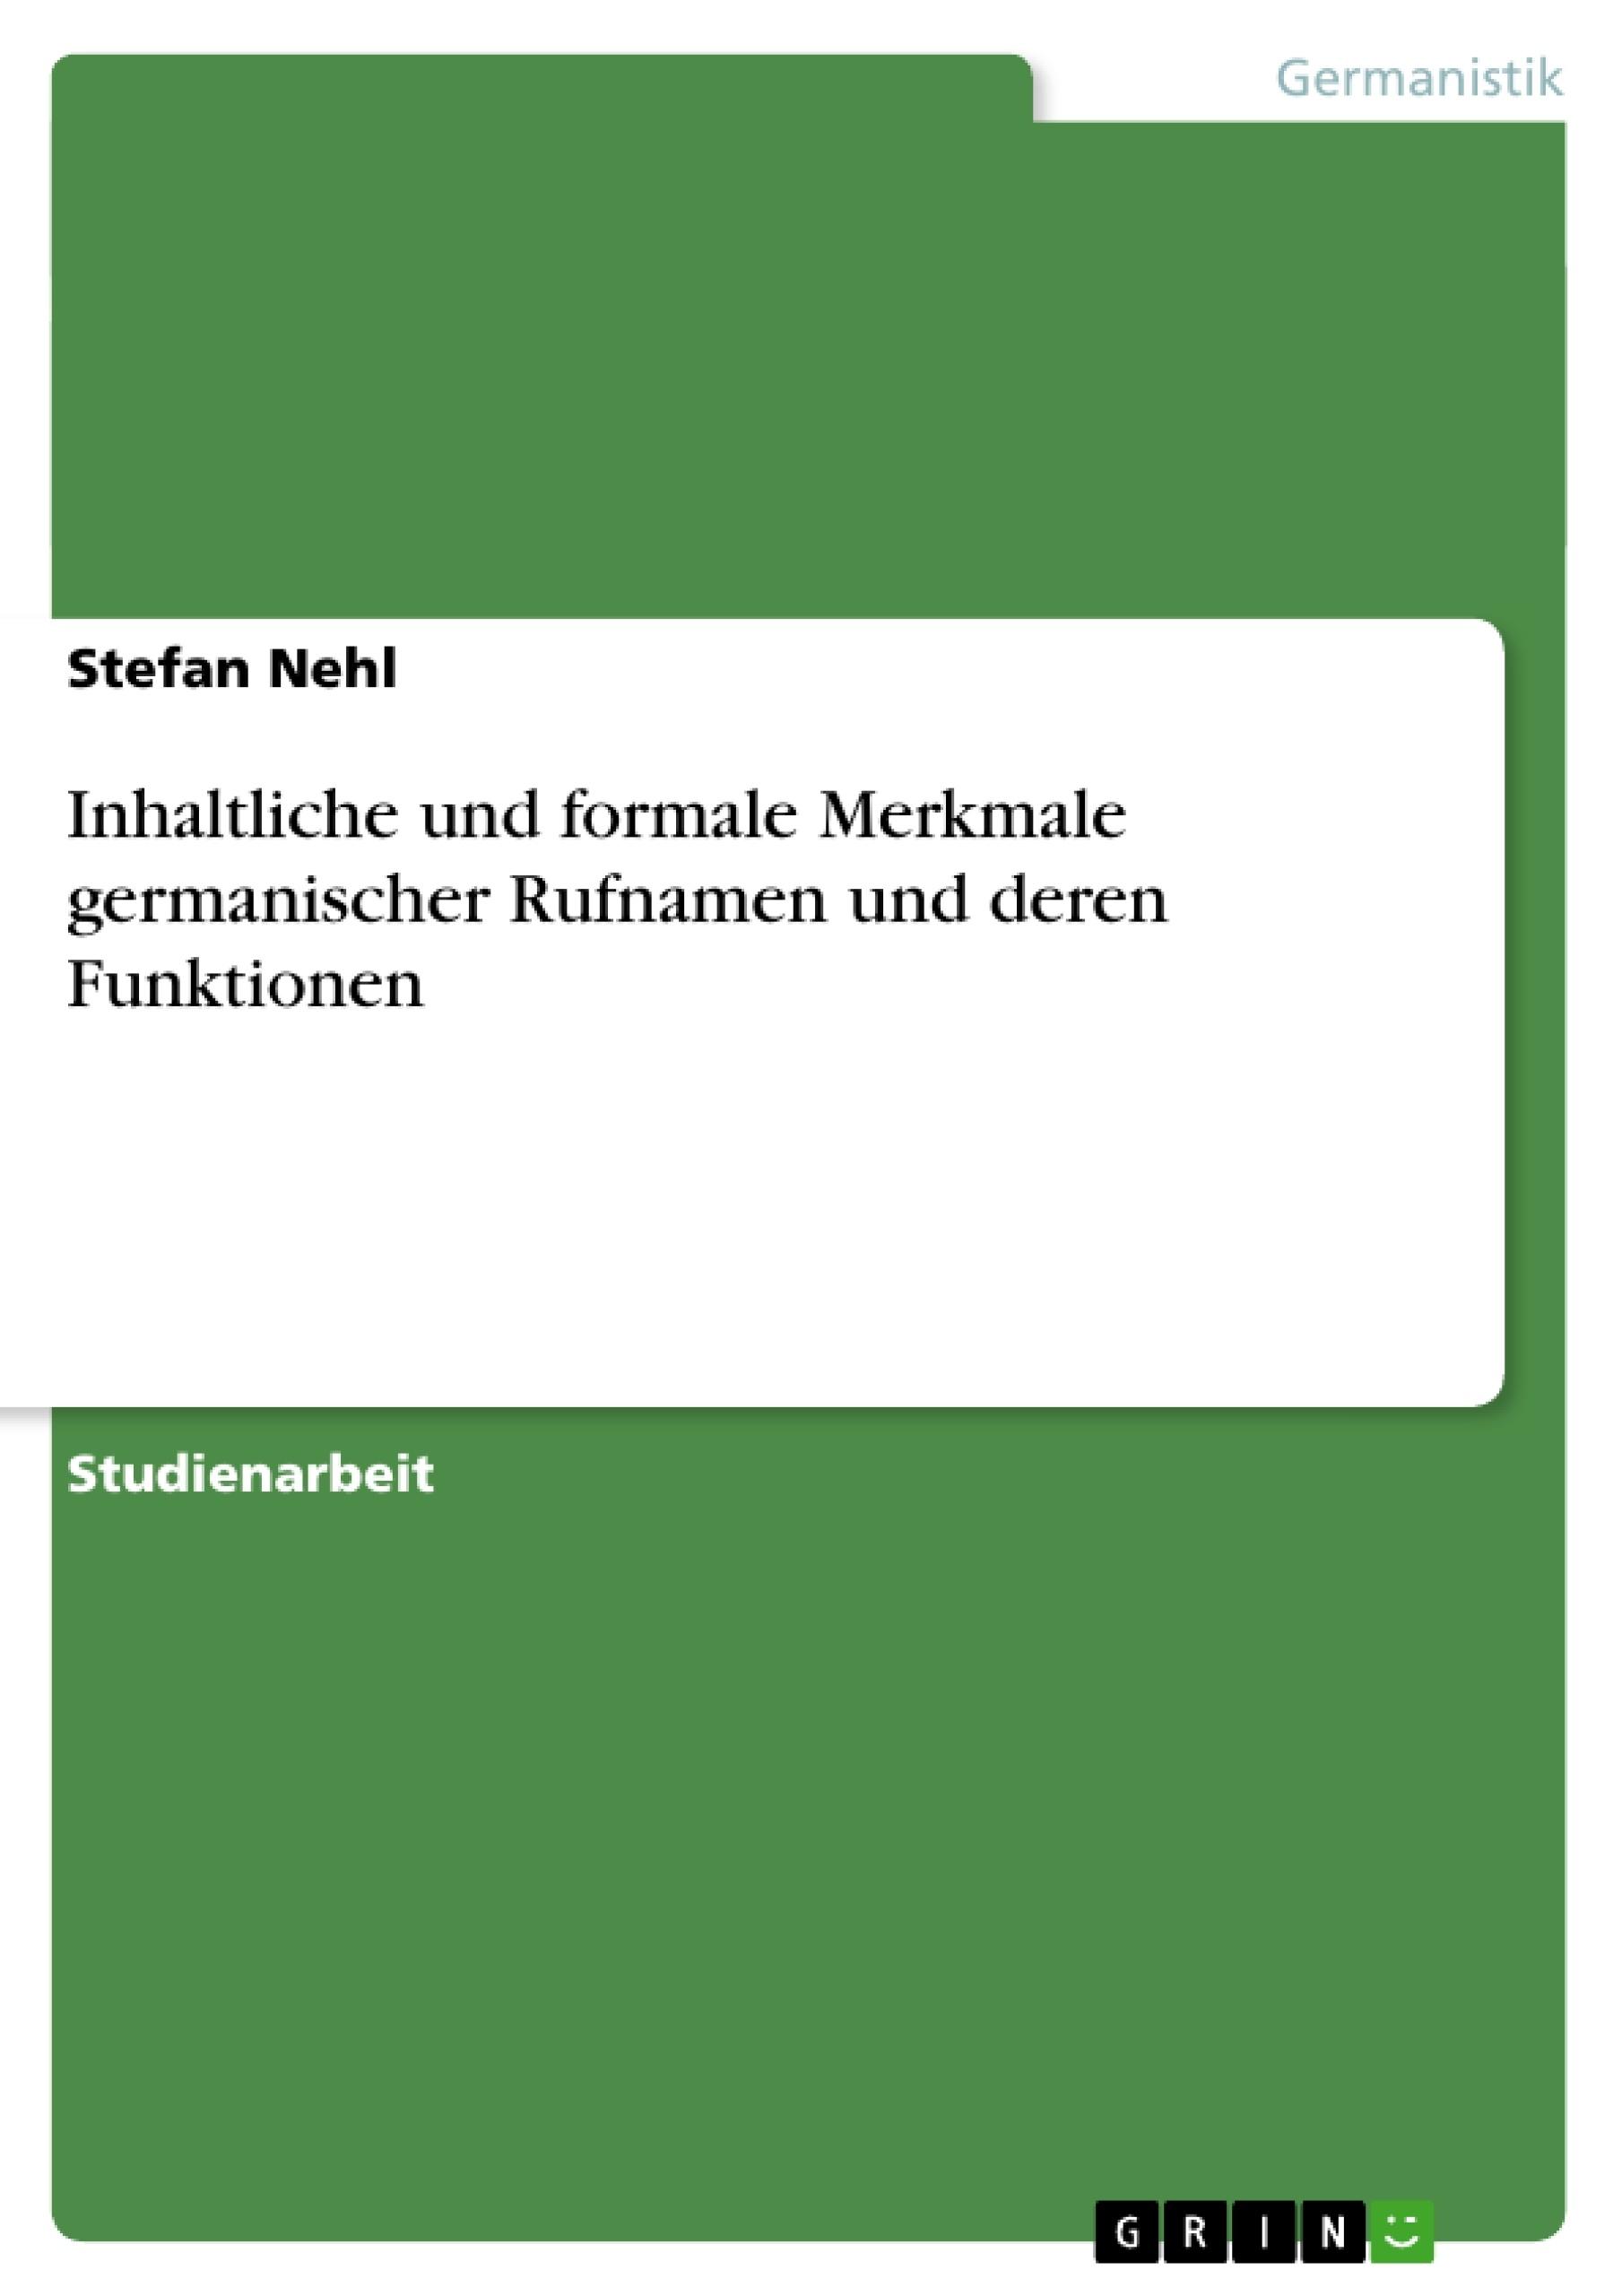 Titel: Inhaltliche und formale Merkmale germanischer Rufnamen und deren Funktionen